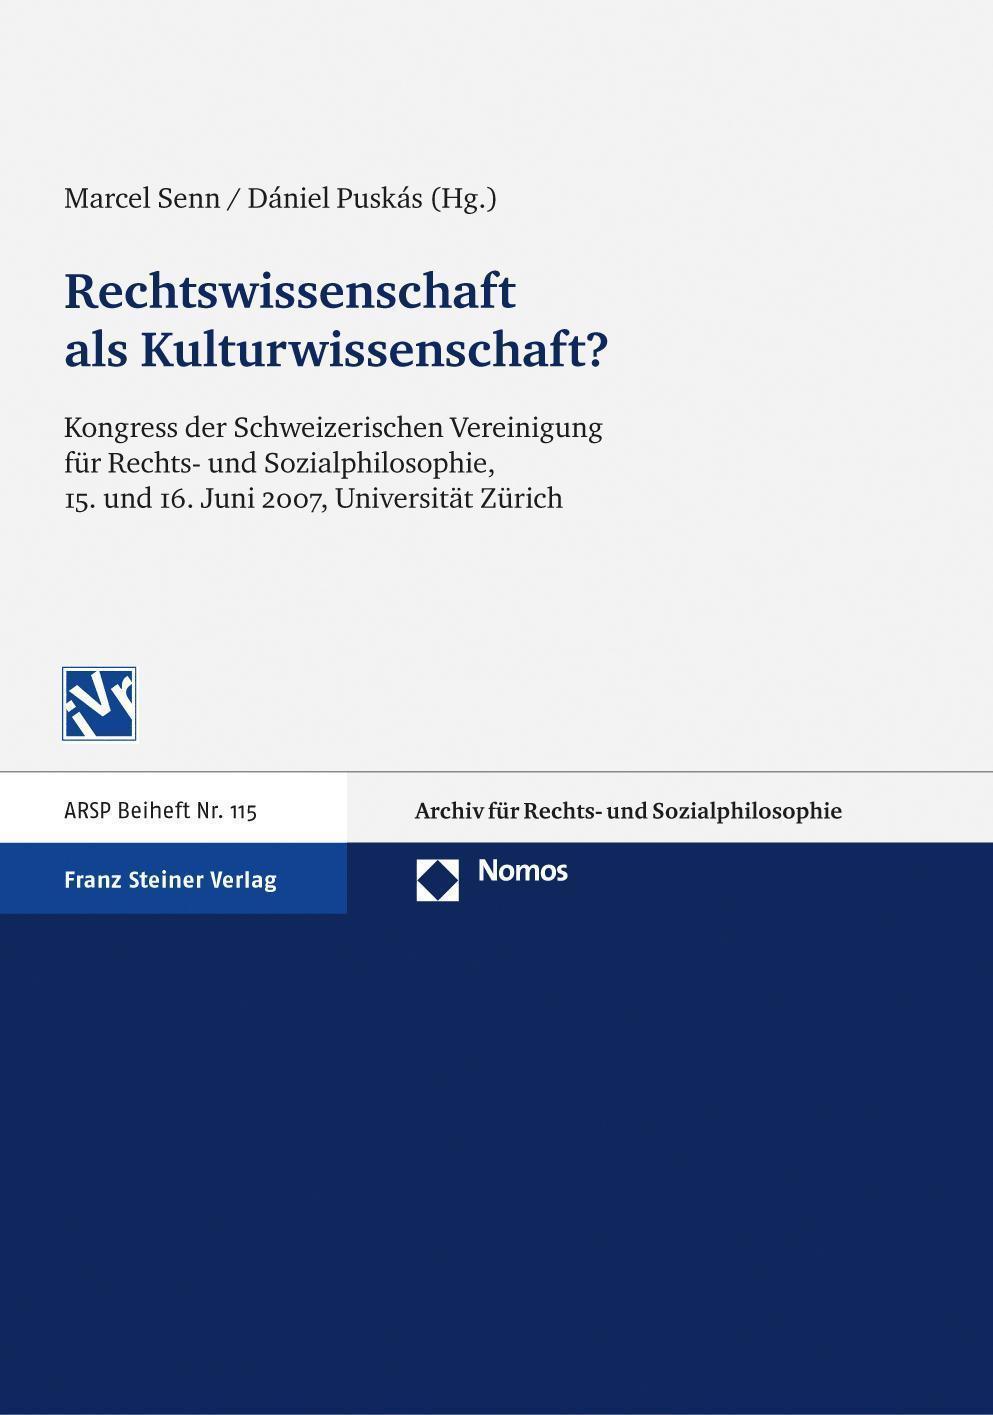 Rechtswissenschaft als Kulturwissenschaft Kongress der Schweizerischen Vereinigung für Rechts- und Sozialphilosophie, 15. und 16.Juni 2007, Universität Zürich